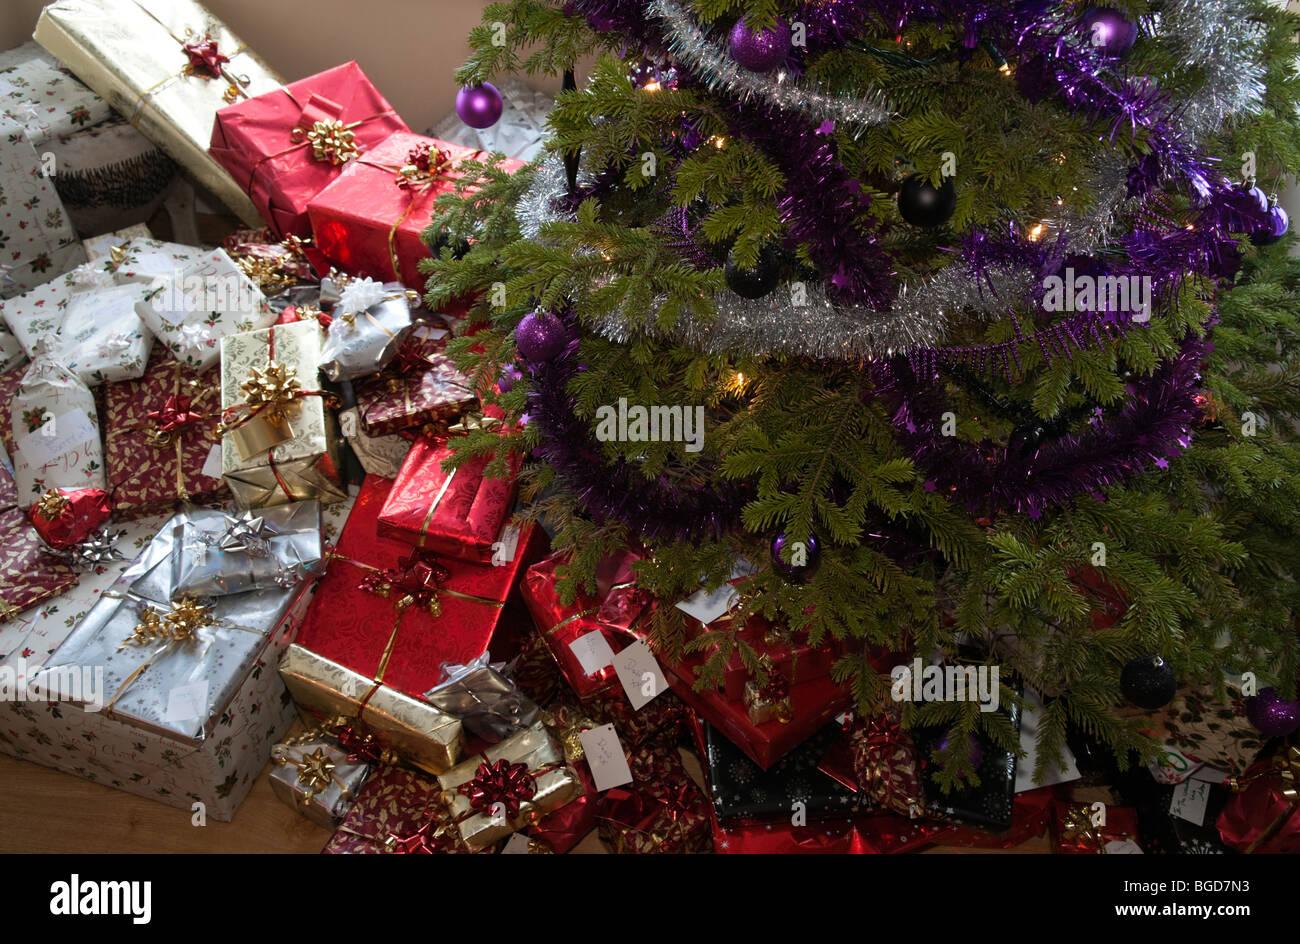 Geschenke Einpacken Stockfotos & Geschenke Einpacken Bilder - Alamy